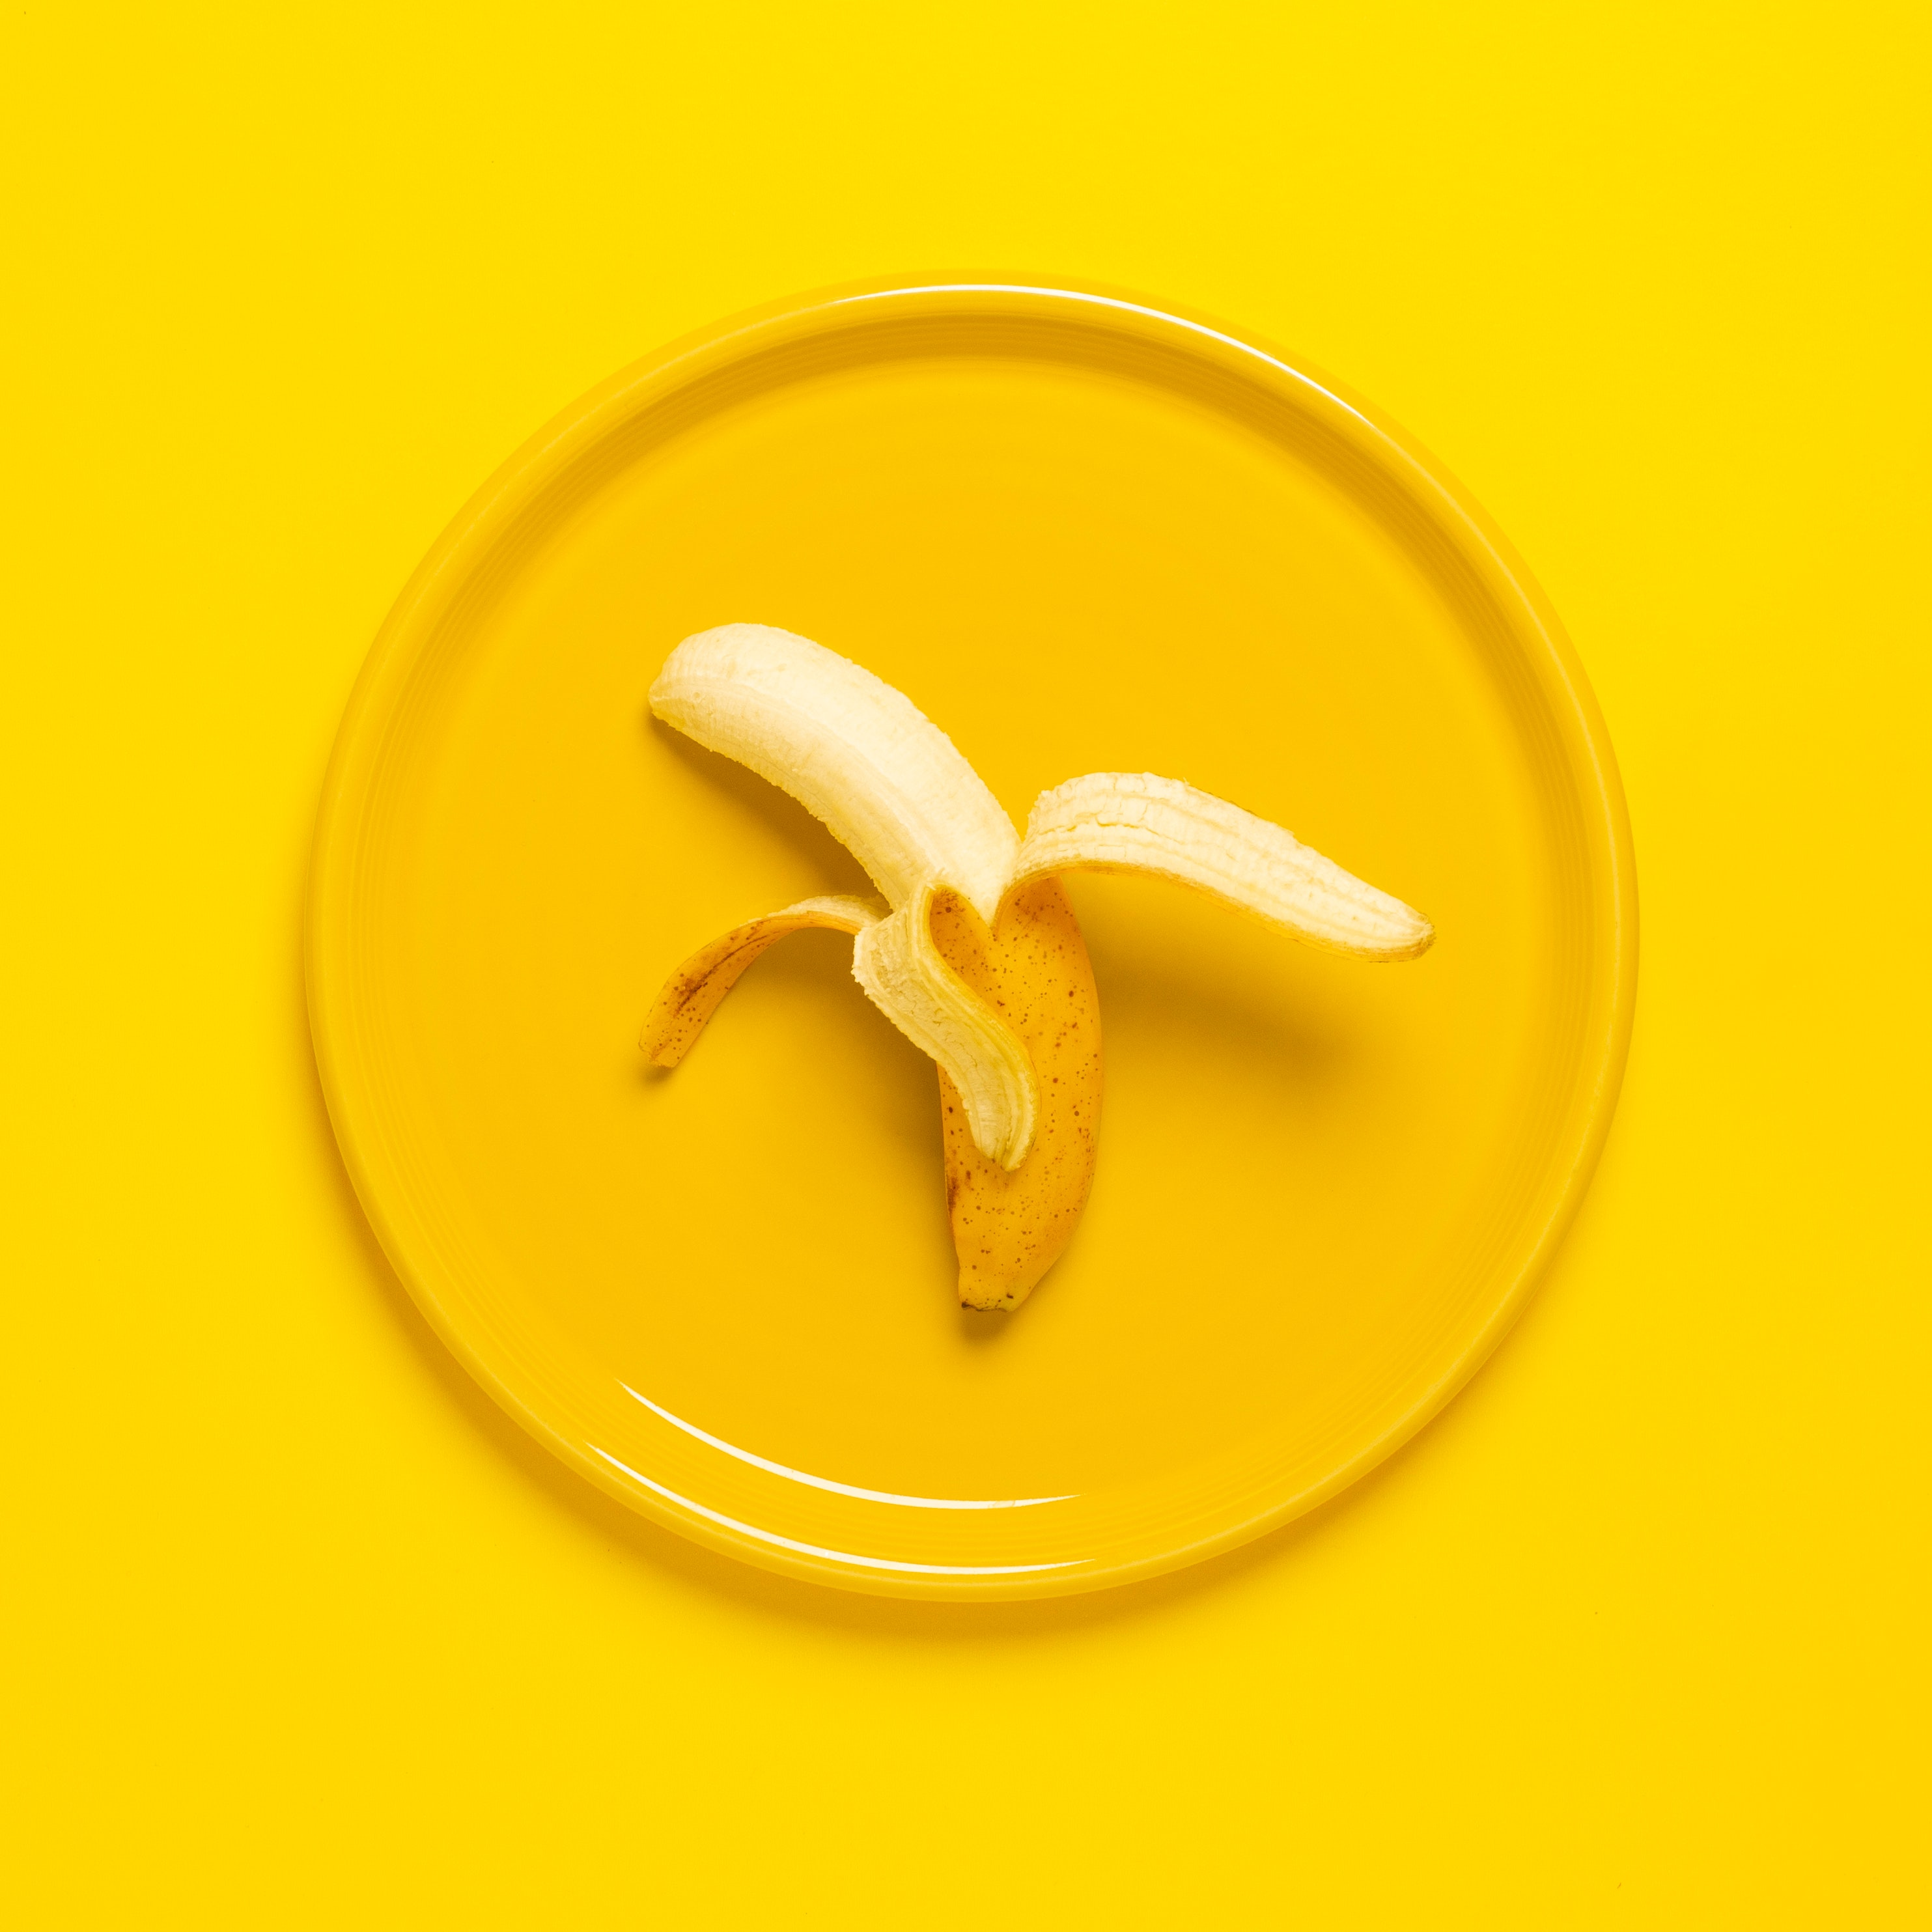 imagen que muestra un plátano sobre un fondo amarillo